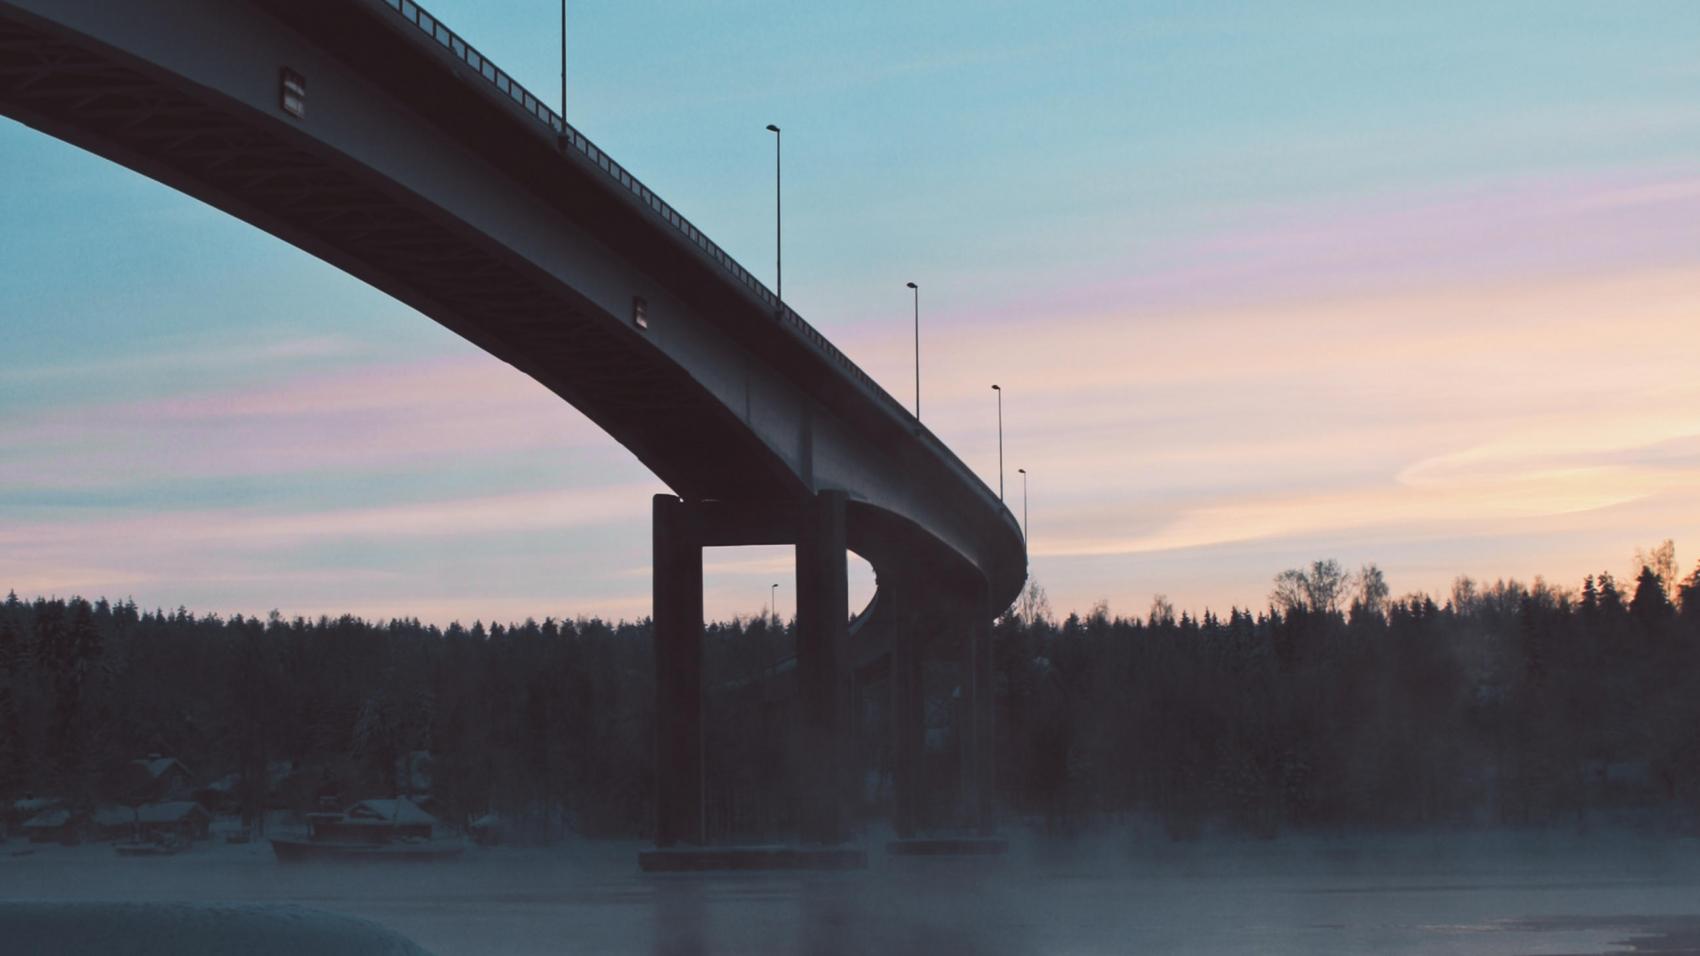 talvi_featured_image_en